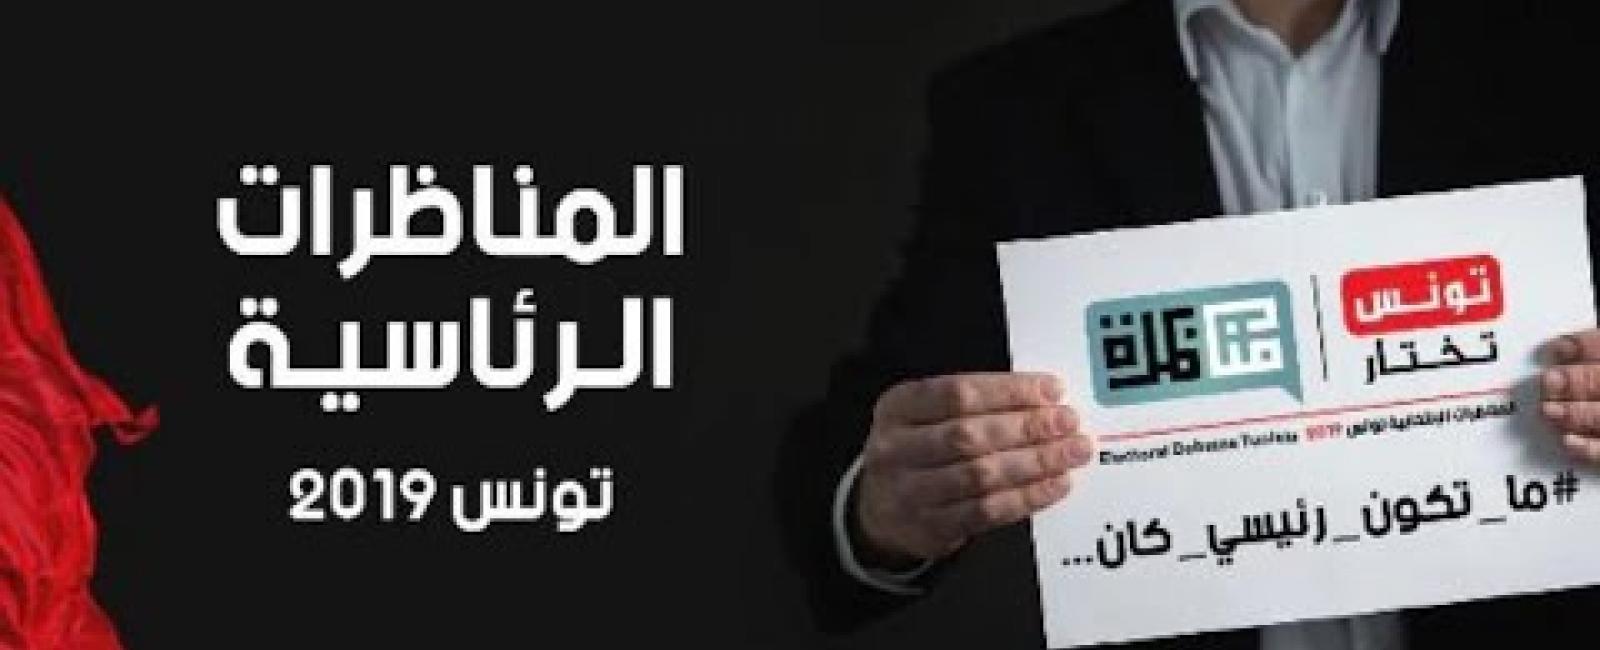 الطريق إلى قرطاج تونس تختار ـ المناظرات الرئاسية